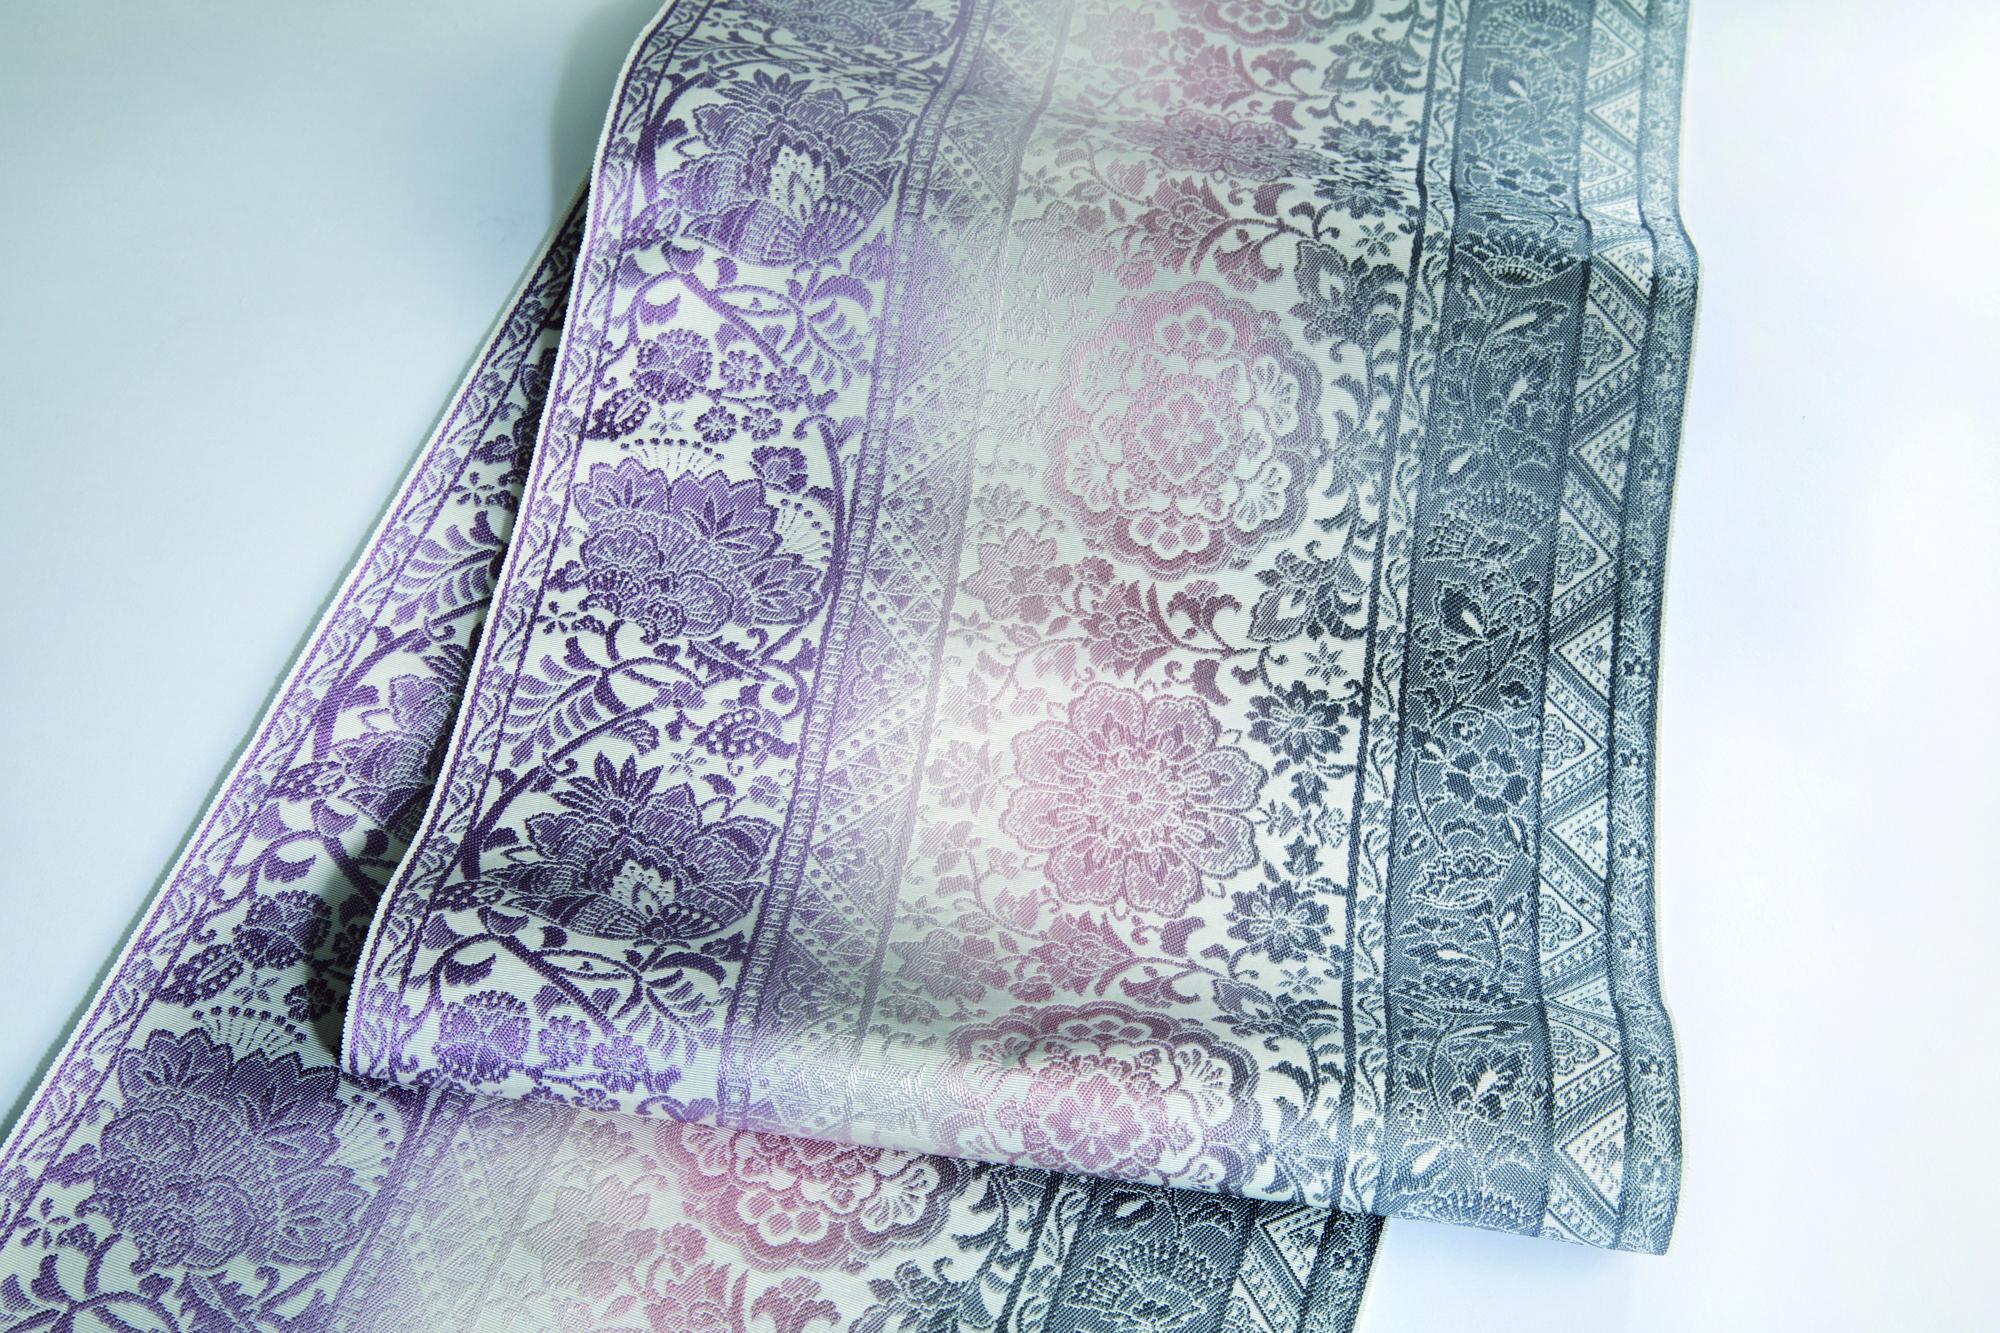 ペルシャ縞全通手織袋帯 - はかた匠工芸 -